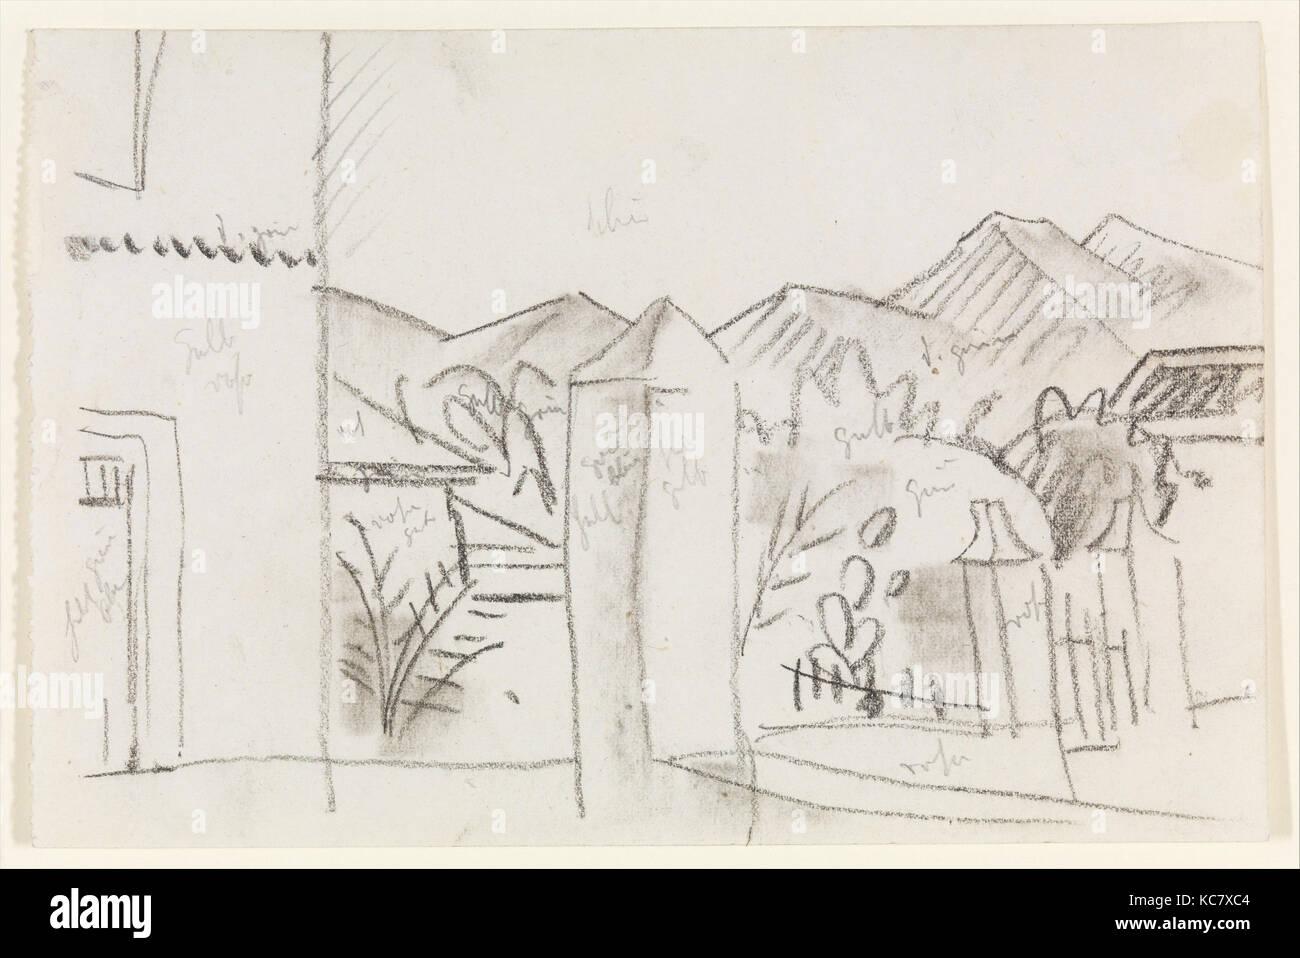 Vista tunisino, 1914, gesso su carta, 4 1/8 x 6 1/8 in. (10,5 x 15,6 cm), disegni, August Macke (tedesco, Meschede Immagini Stock